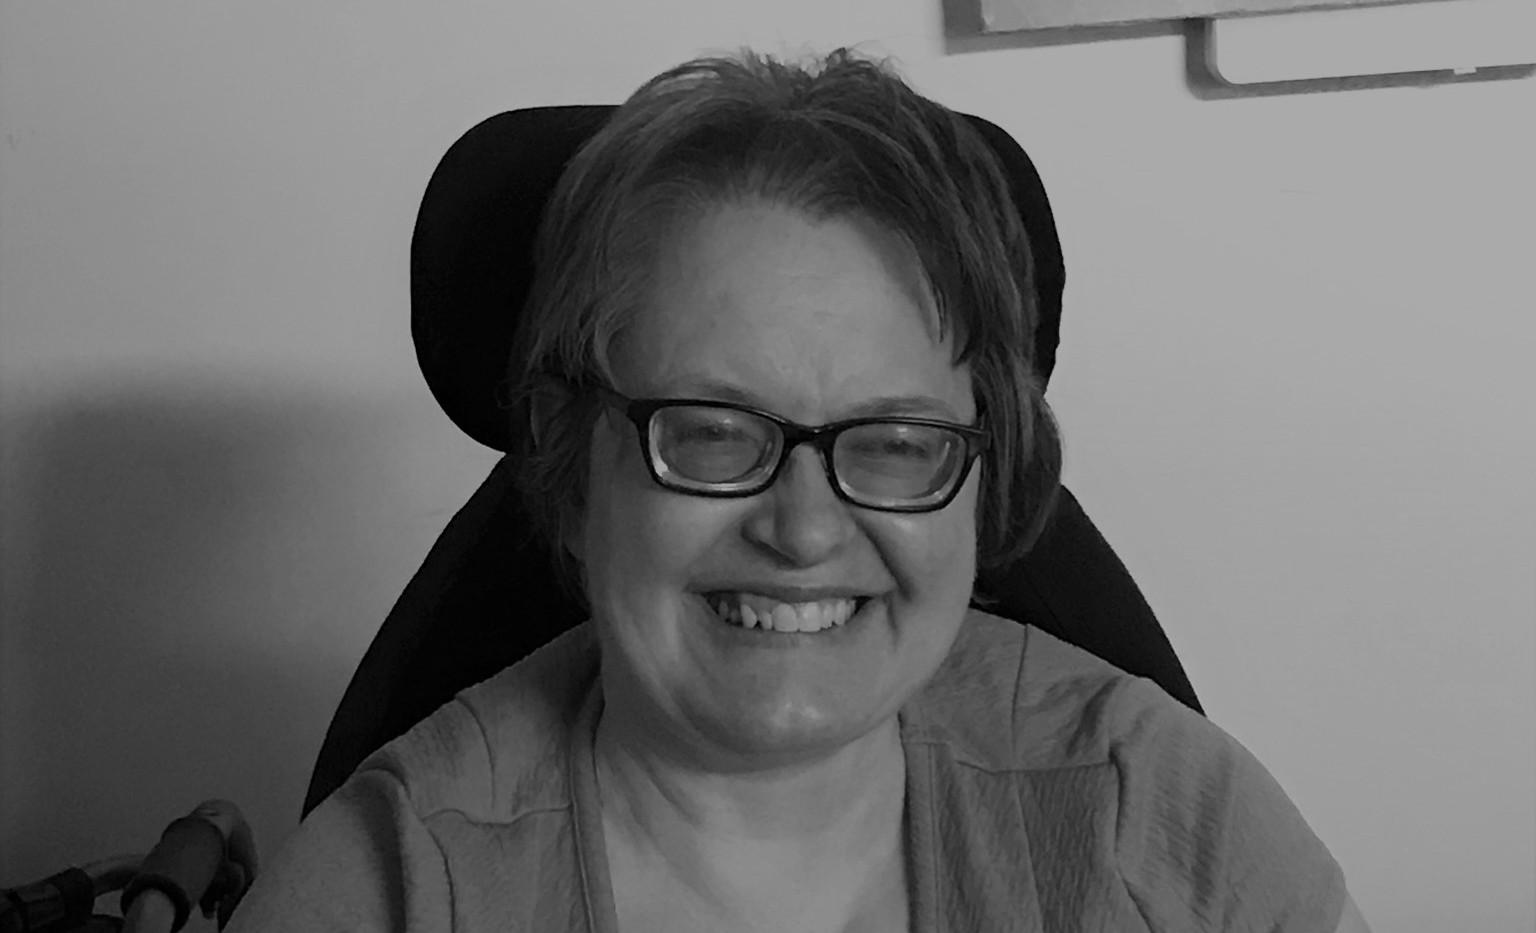 Shyla Patera